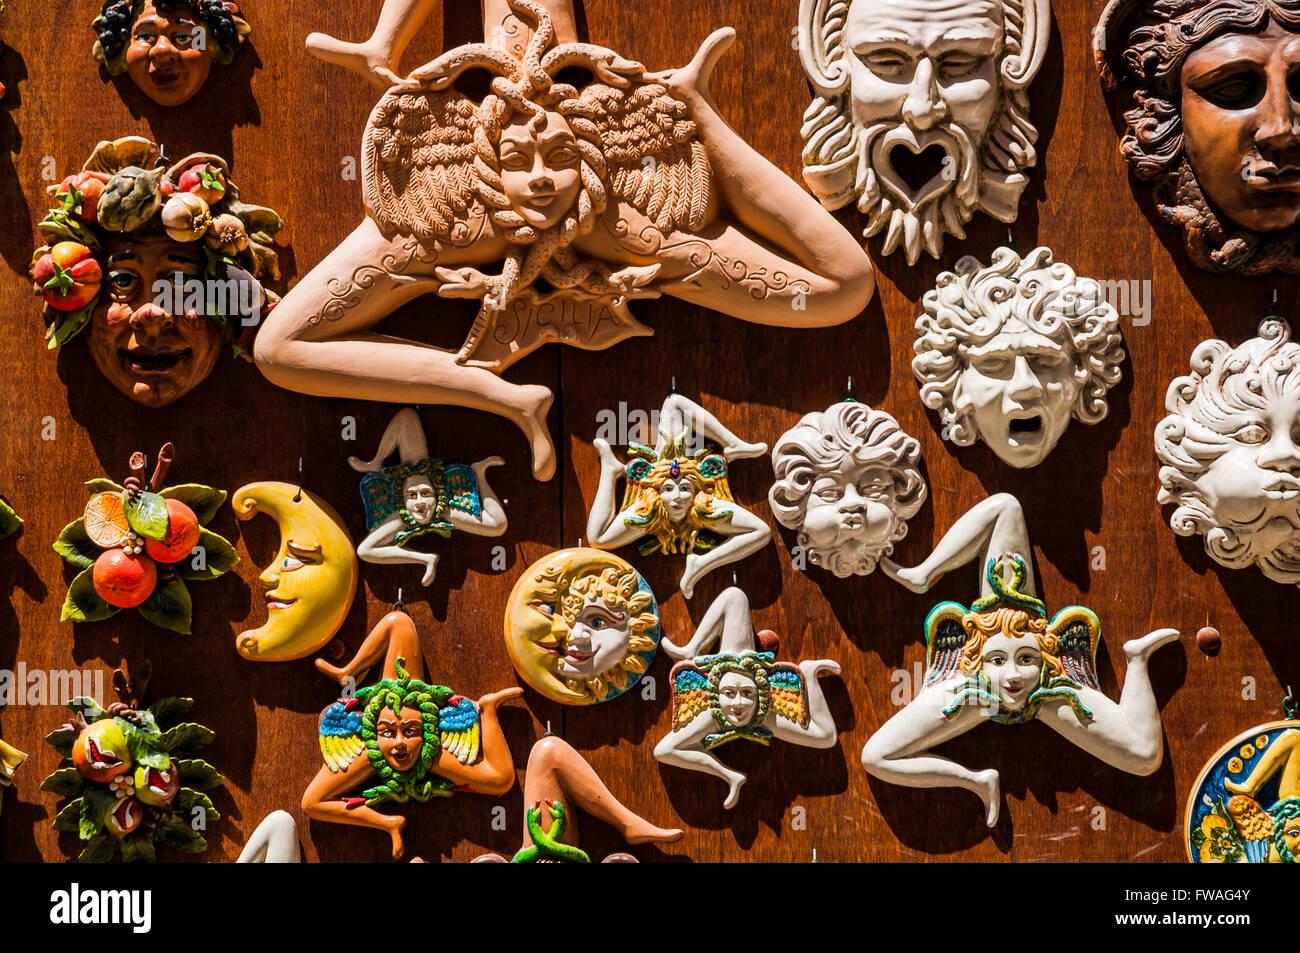 The Head Of Medusa Symbol Of Sicily Sicily Italy Stock Photo